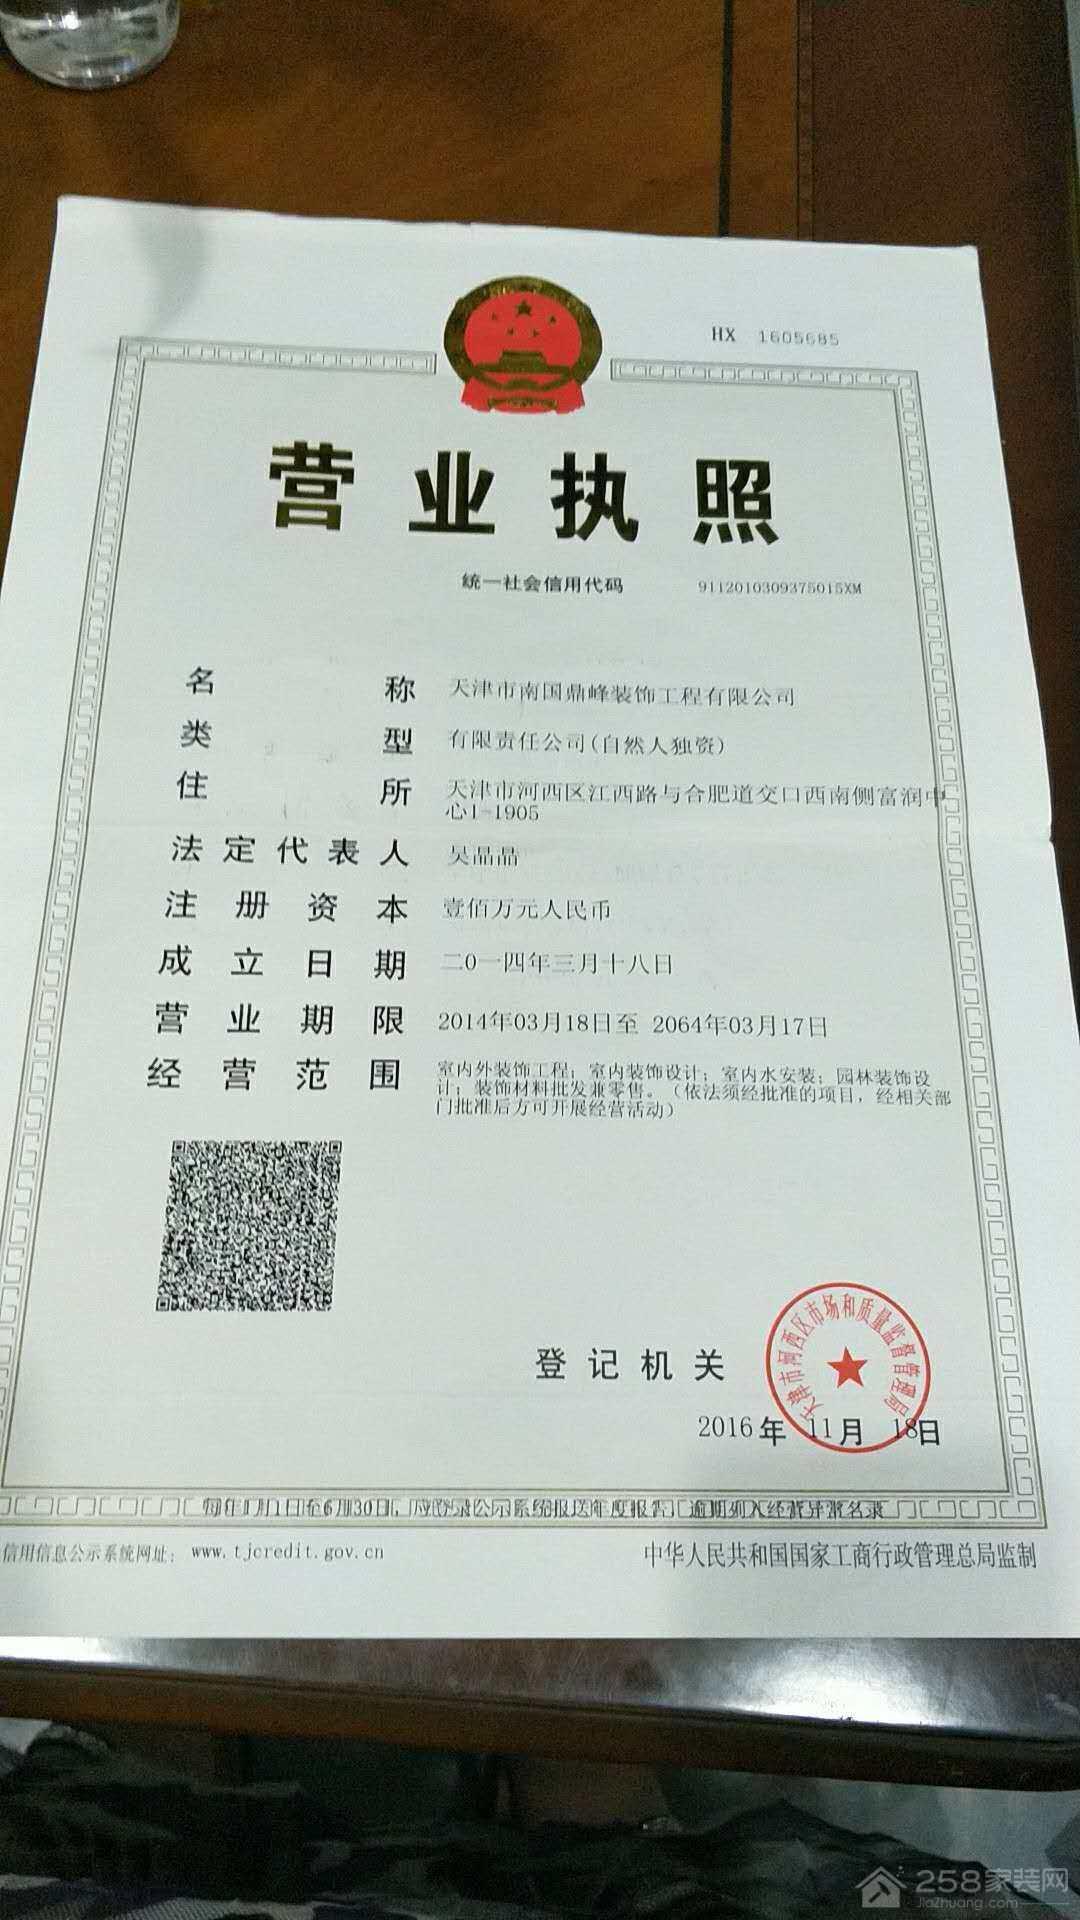 北京瑞祥佳艺建筑装饰工程有限公司天津分公司